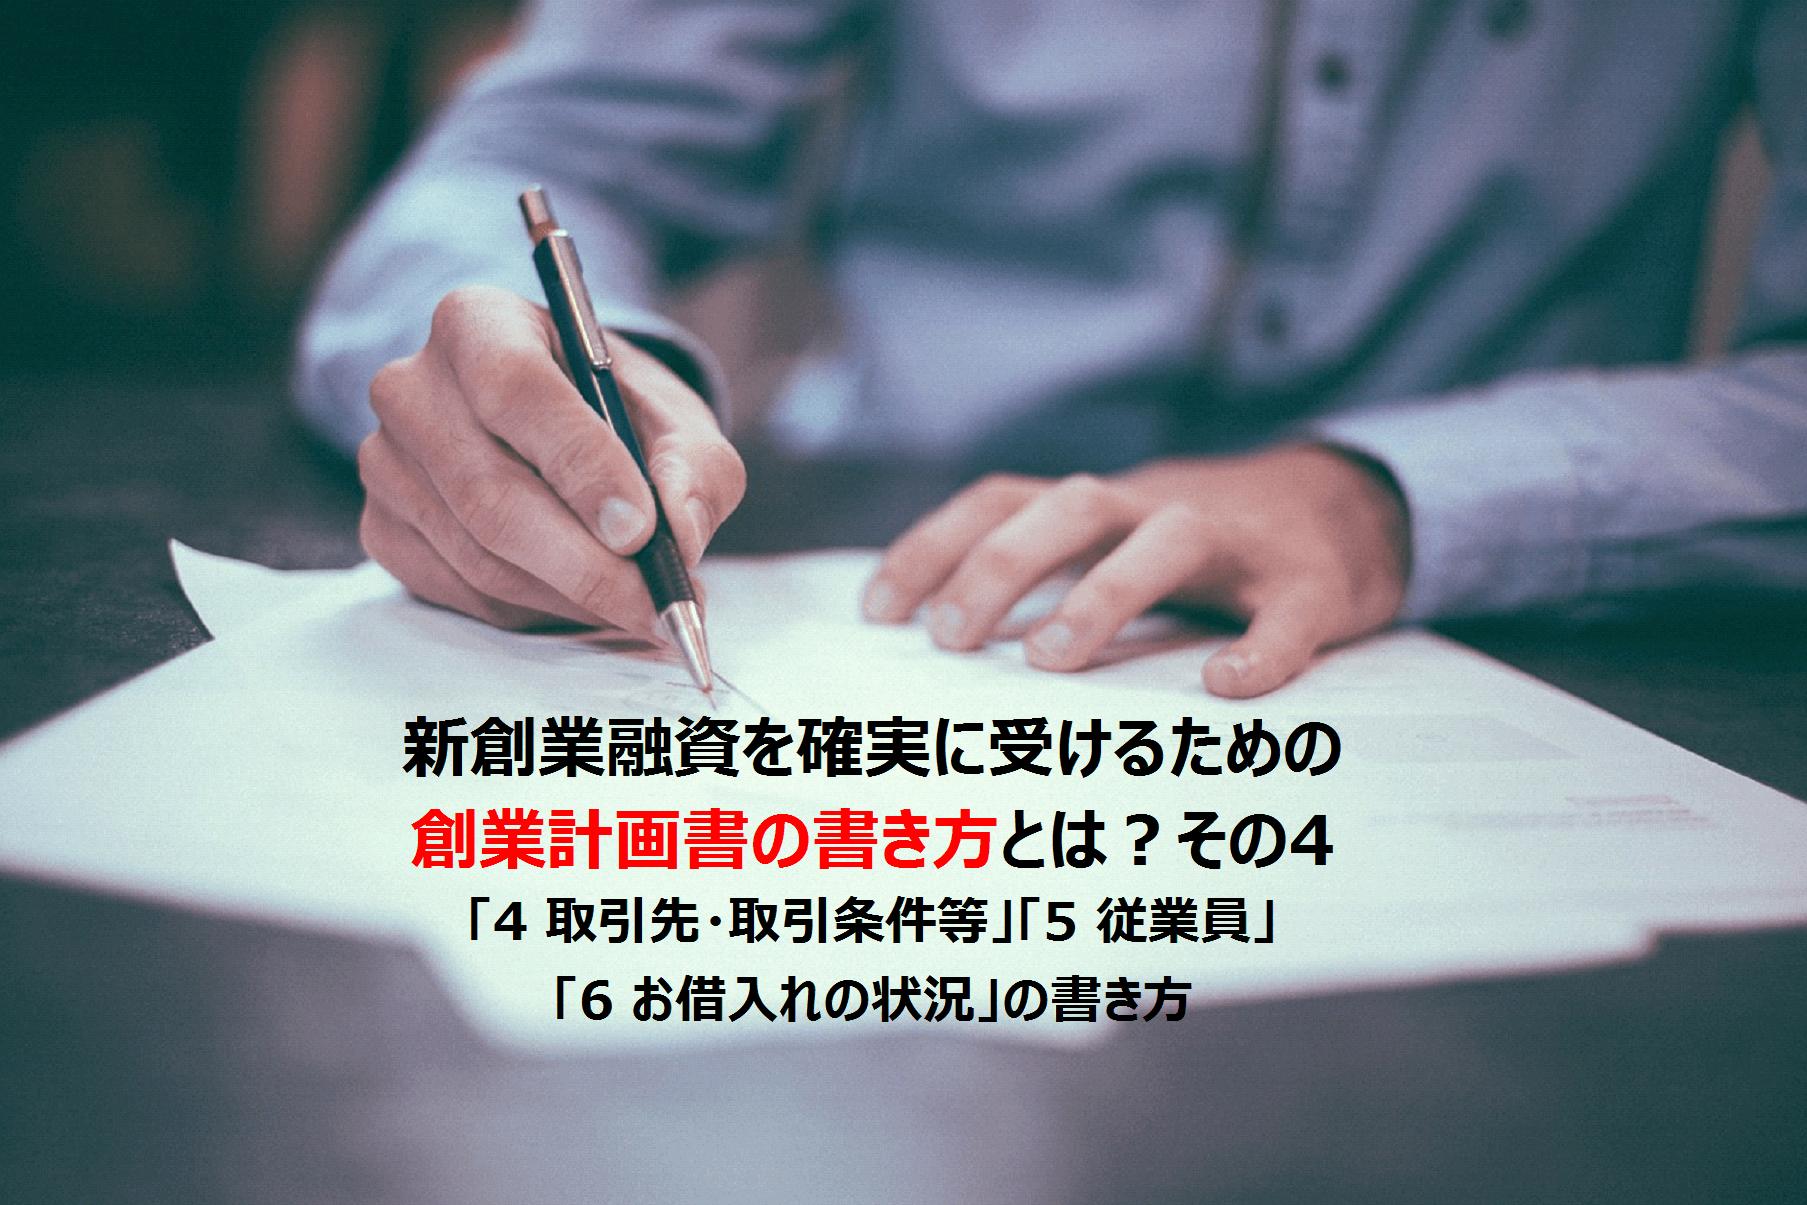 創業計画書の書き方4